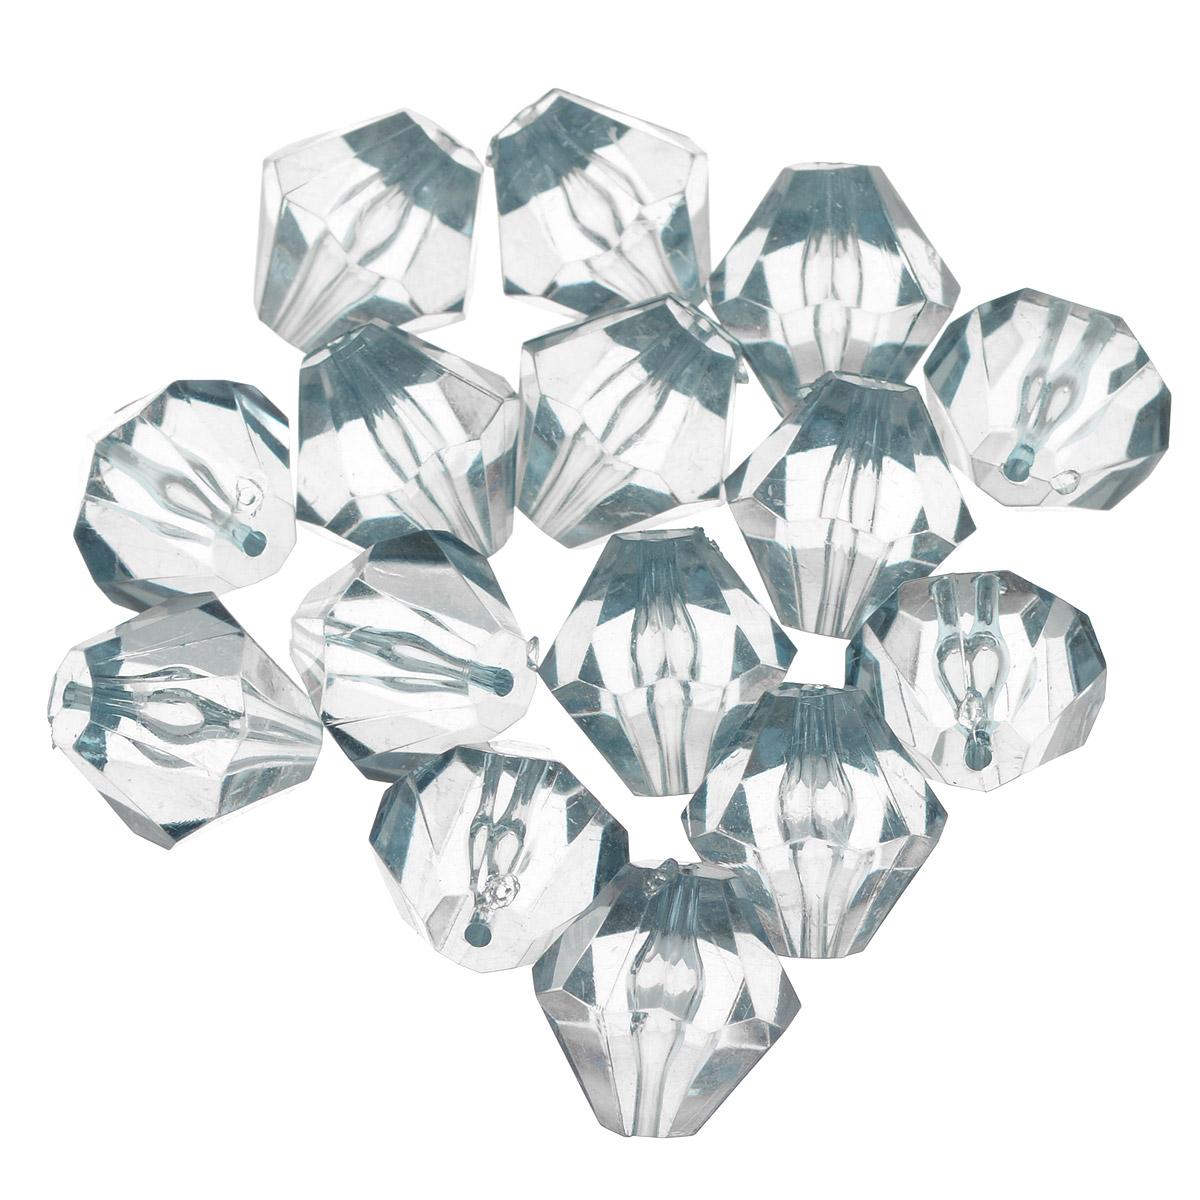 Бусины Астра, цвет: серо-голубой (41), 16 мм х 17 мм, 25 г. 684982_41684982_41Набор бусин Астра, изготовленный из акрила, позволит вам своими руками создать оригинальные ожерелья, бусы или браслеты. Одноцветные ромбовидные бусины оригинального и яркого дизайна оснащены рельефными, многогранными поверхностями. Изготовление украшений - занимательное хобби и реализация творческих способностей рукодельницы, это возможность создания неповторимого индивидуального подарка. Размер бусины: 16 мм х 17 мм.